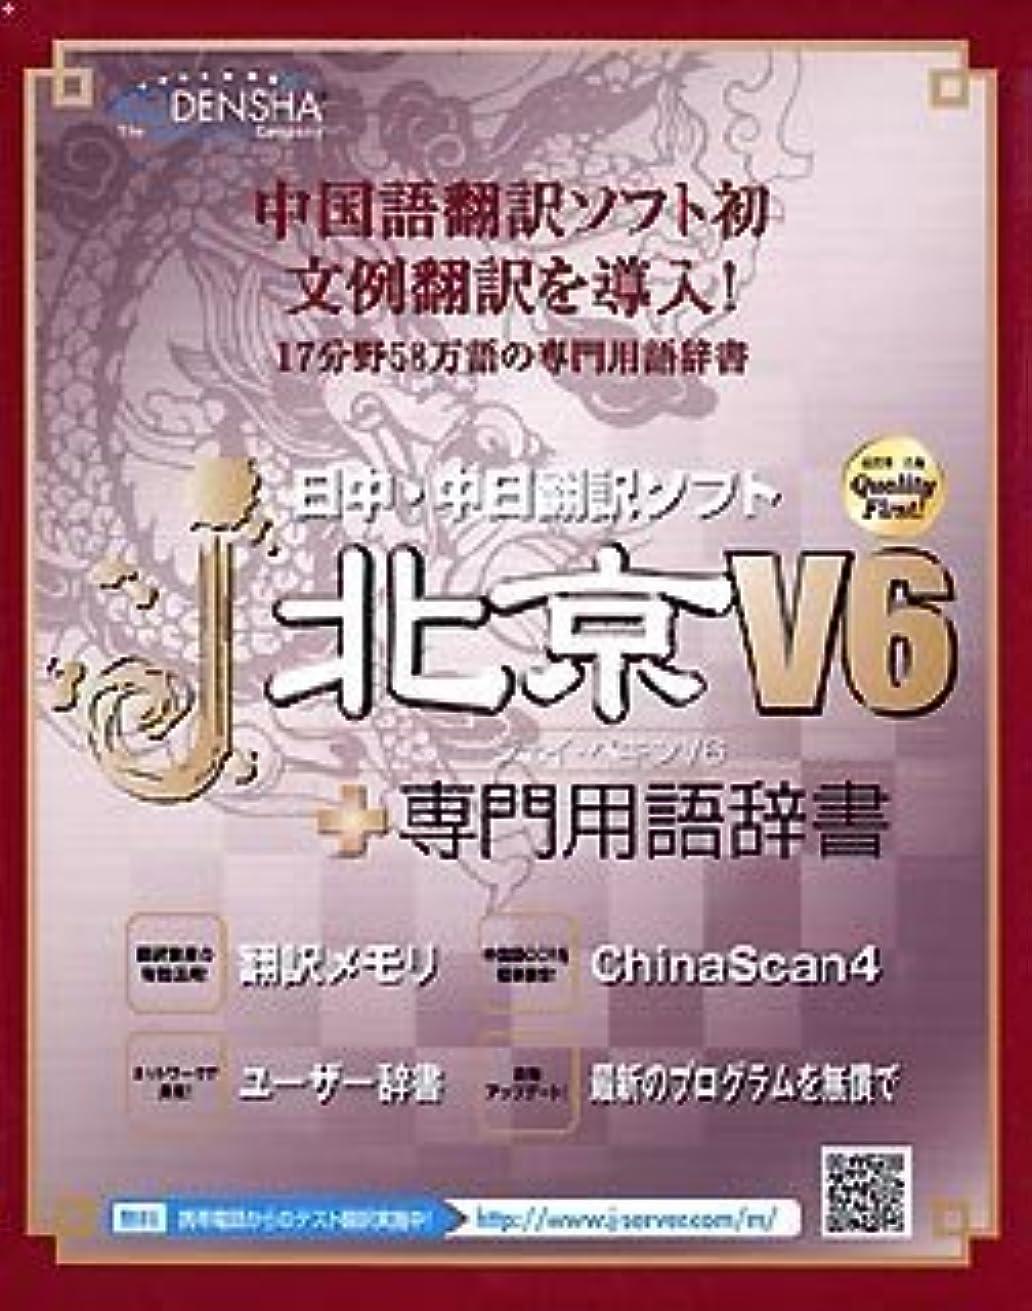 旅ガイダンスオーナーj?北京V6 + 専門用語辞書